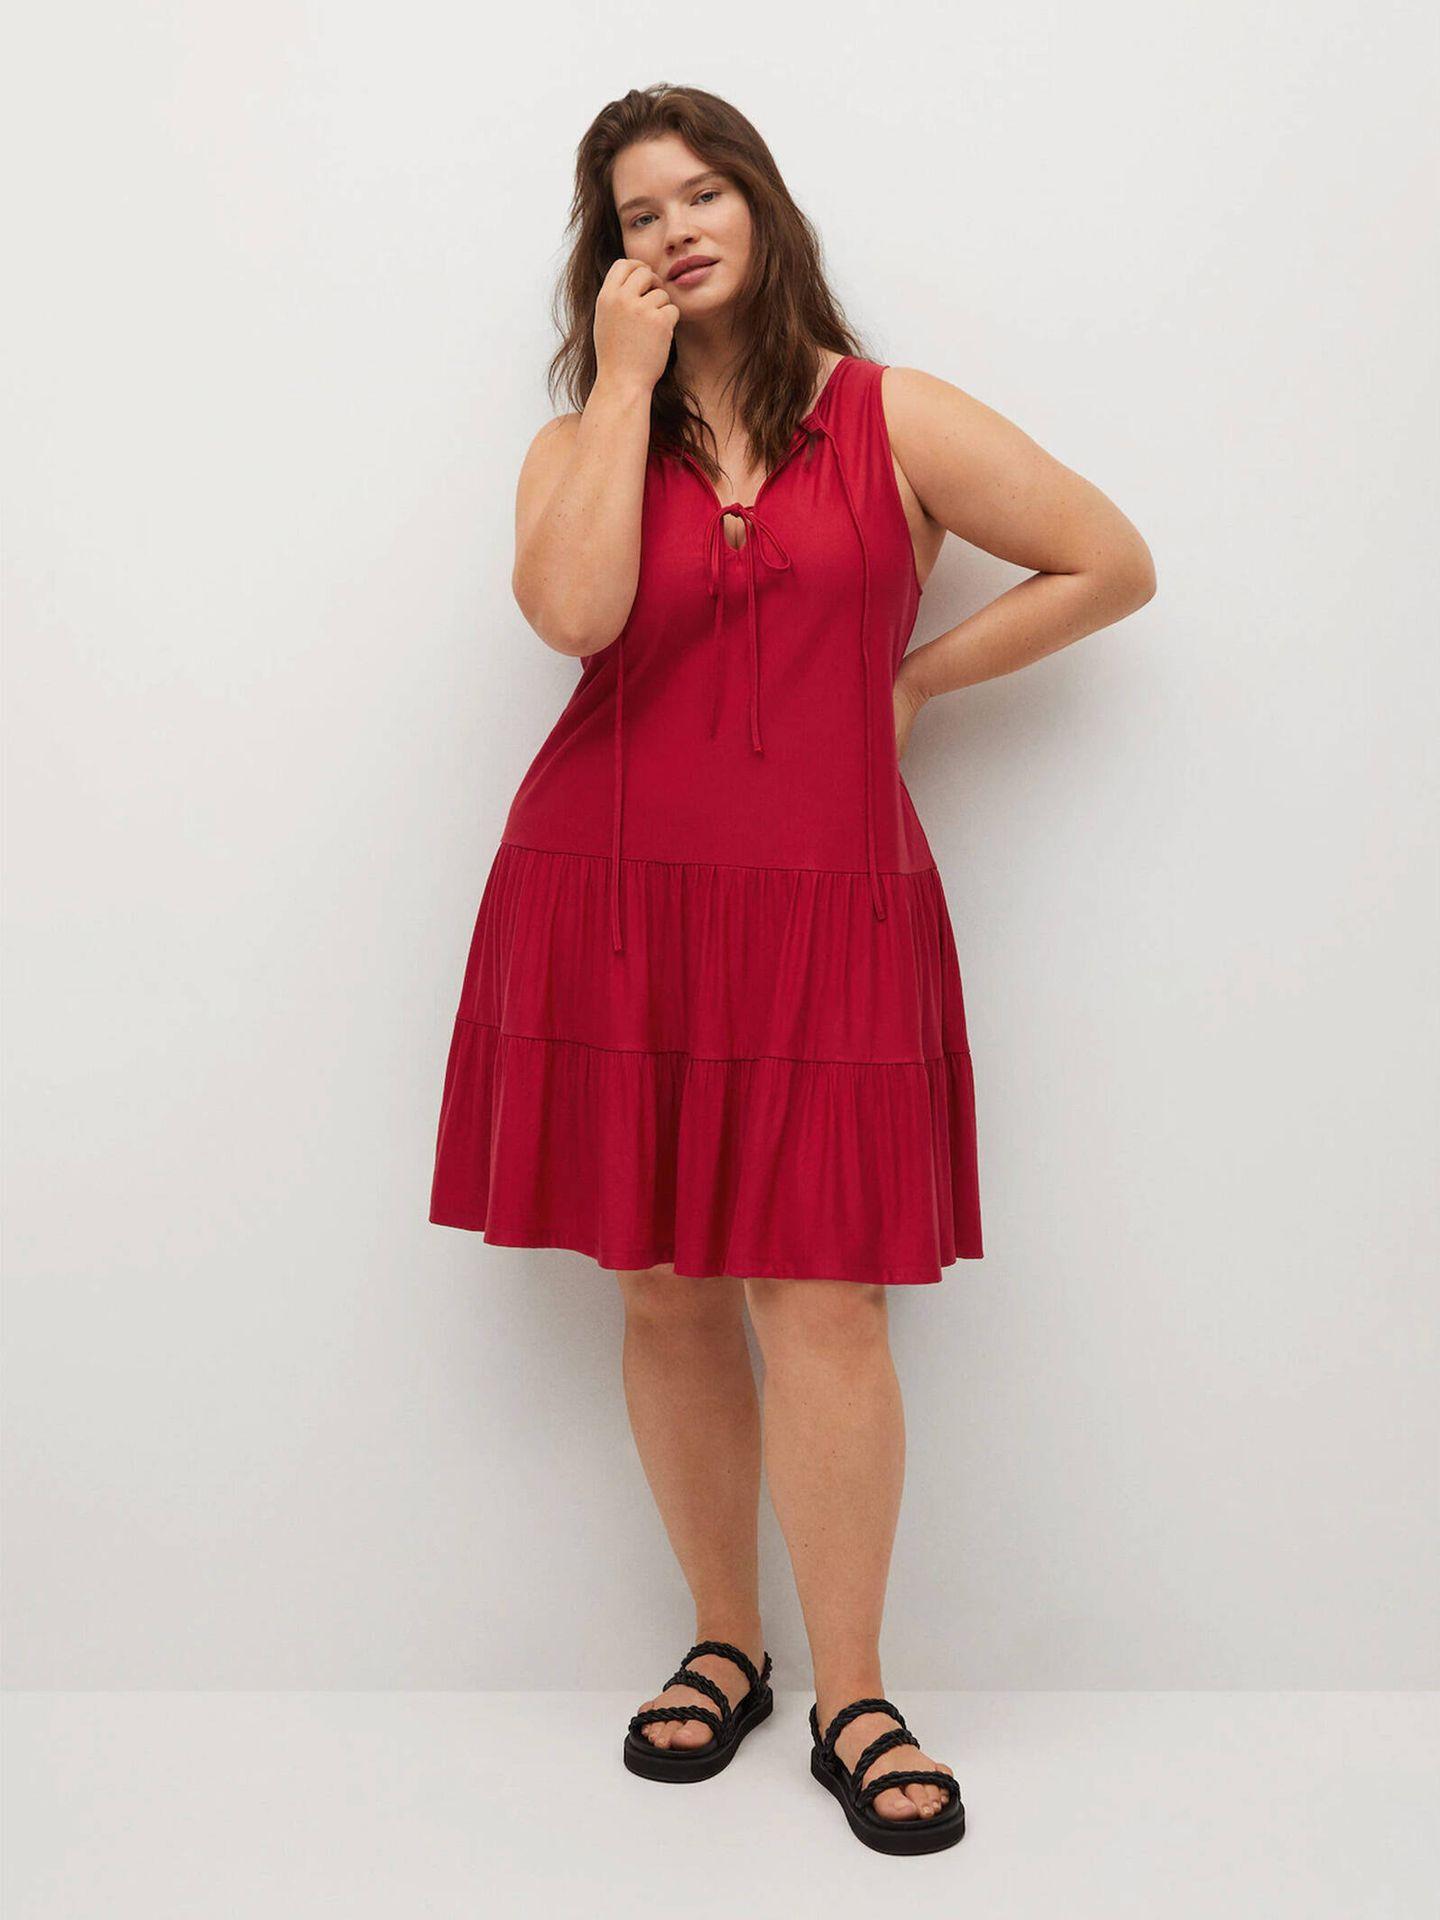 Vestido rojo mini y fluido de Violeta by Mango. (Cortesía)